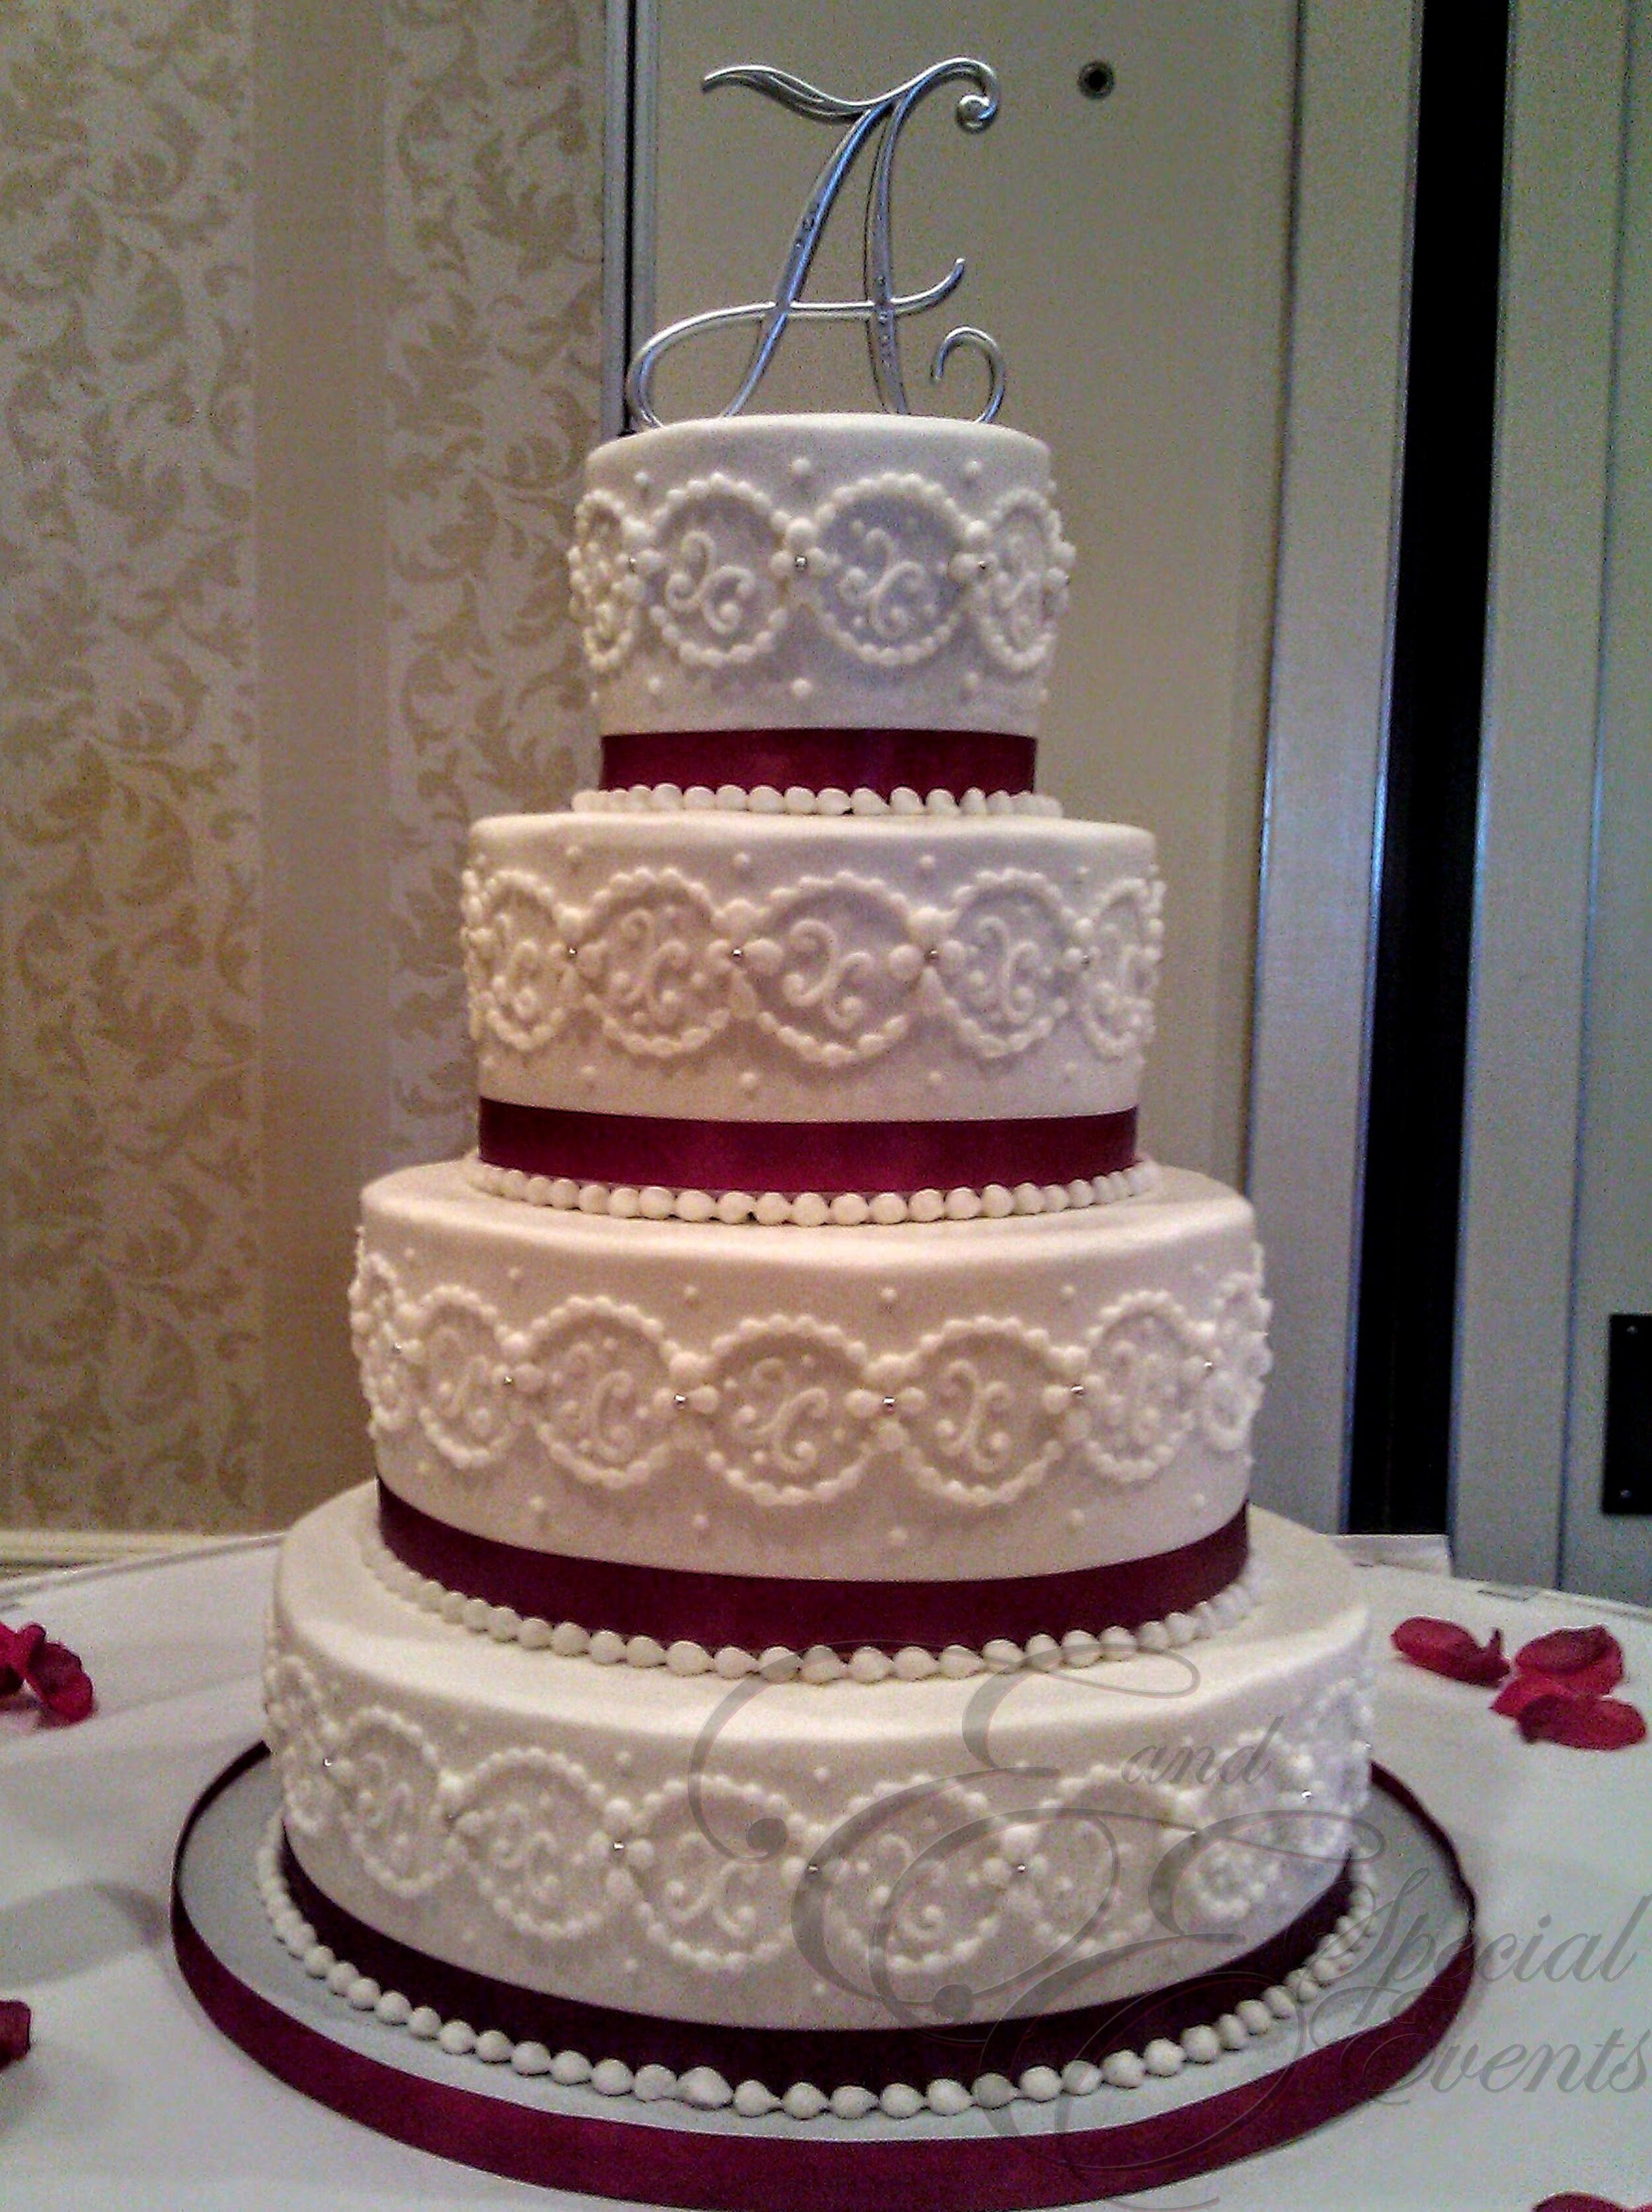 wedding_cakes_E_and_E_Special_Events_virginia_beach_52.jpg